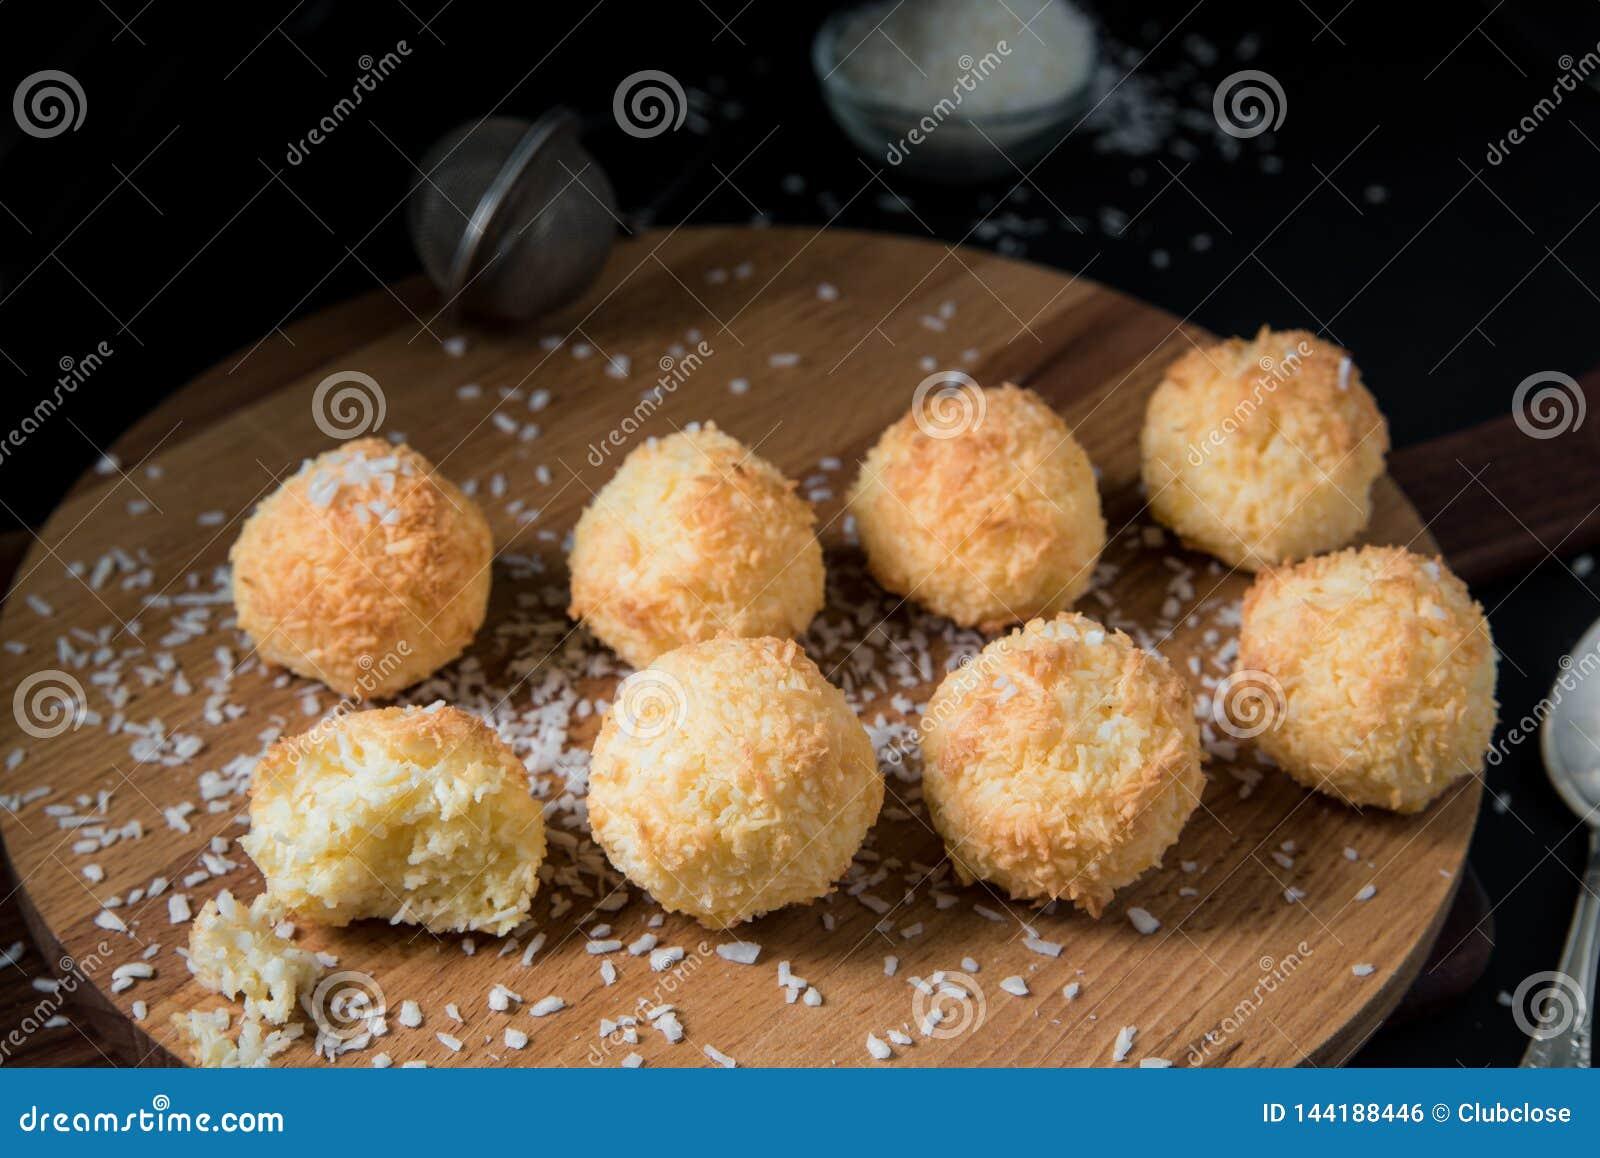 Cookies crocantes Congolais do coco em uma placa de madeira contra um fundo escuro